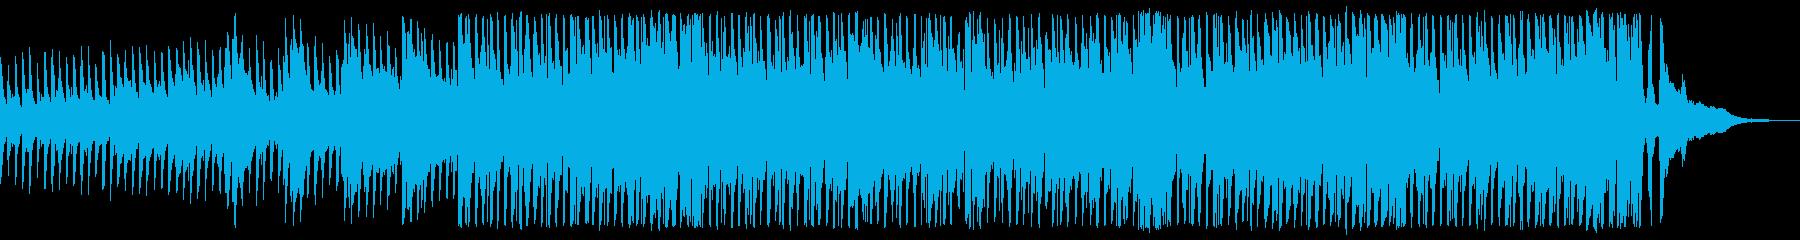 生アコギ!歩いて笑って楽しい爽快なBGMの再生済みの波形